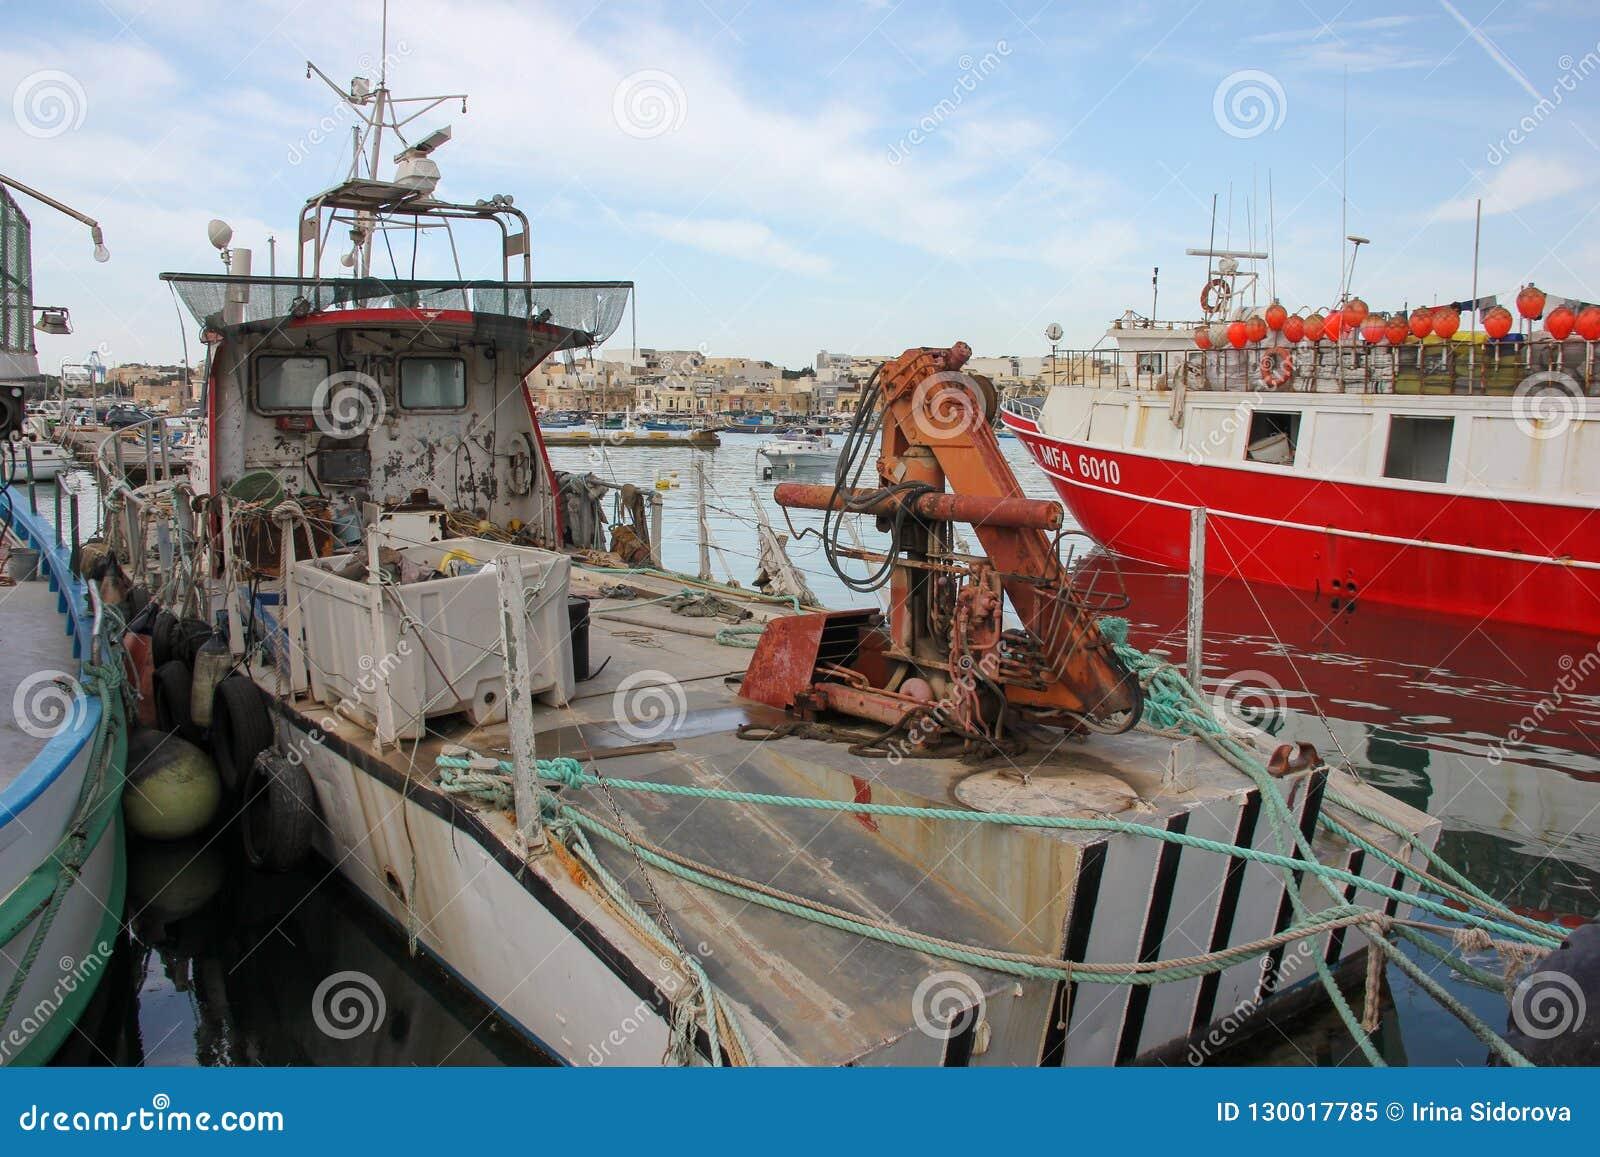 Fishing boat in port in fishing village Marsaxlokk